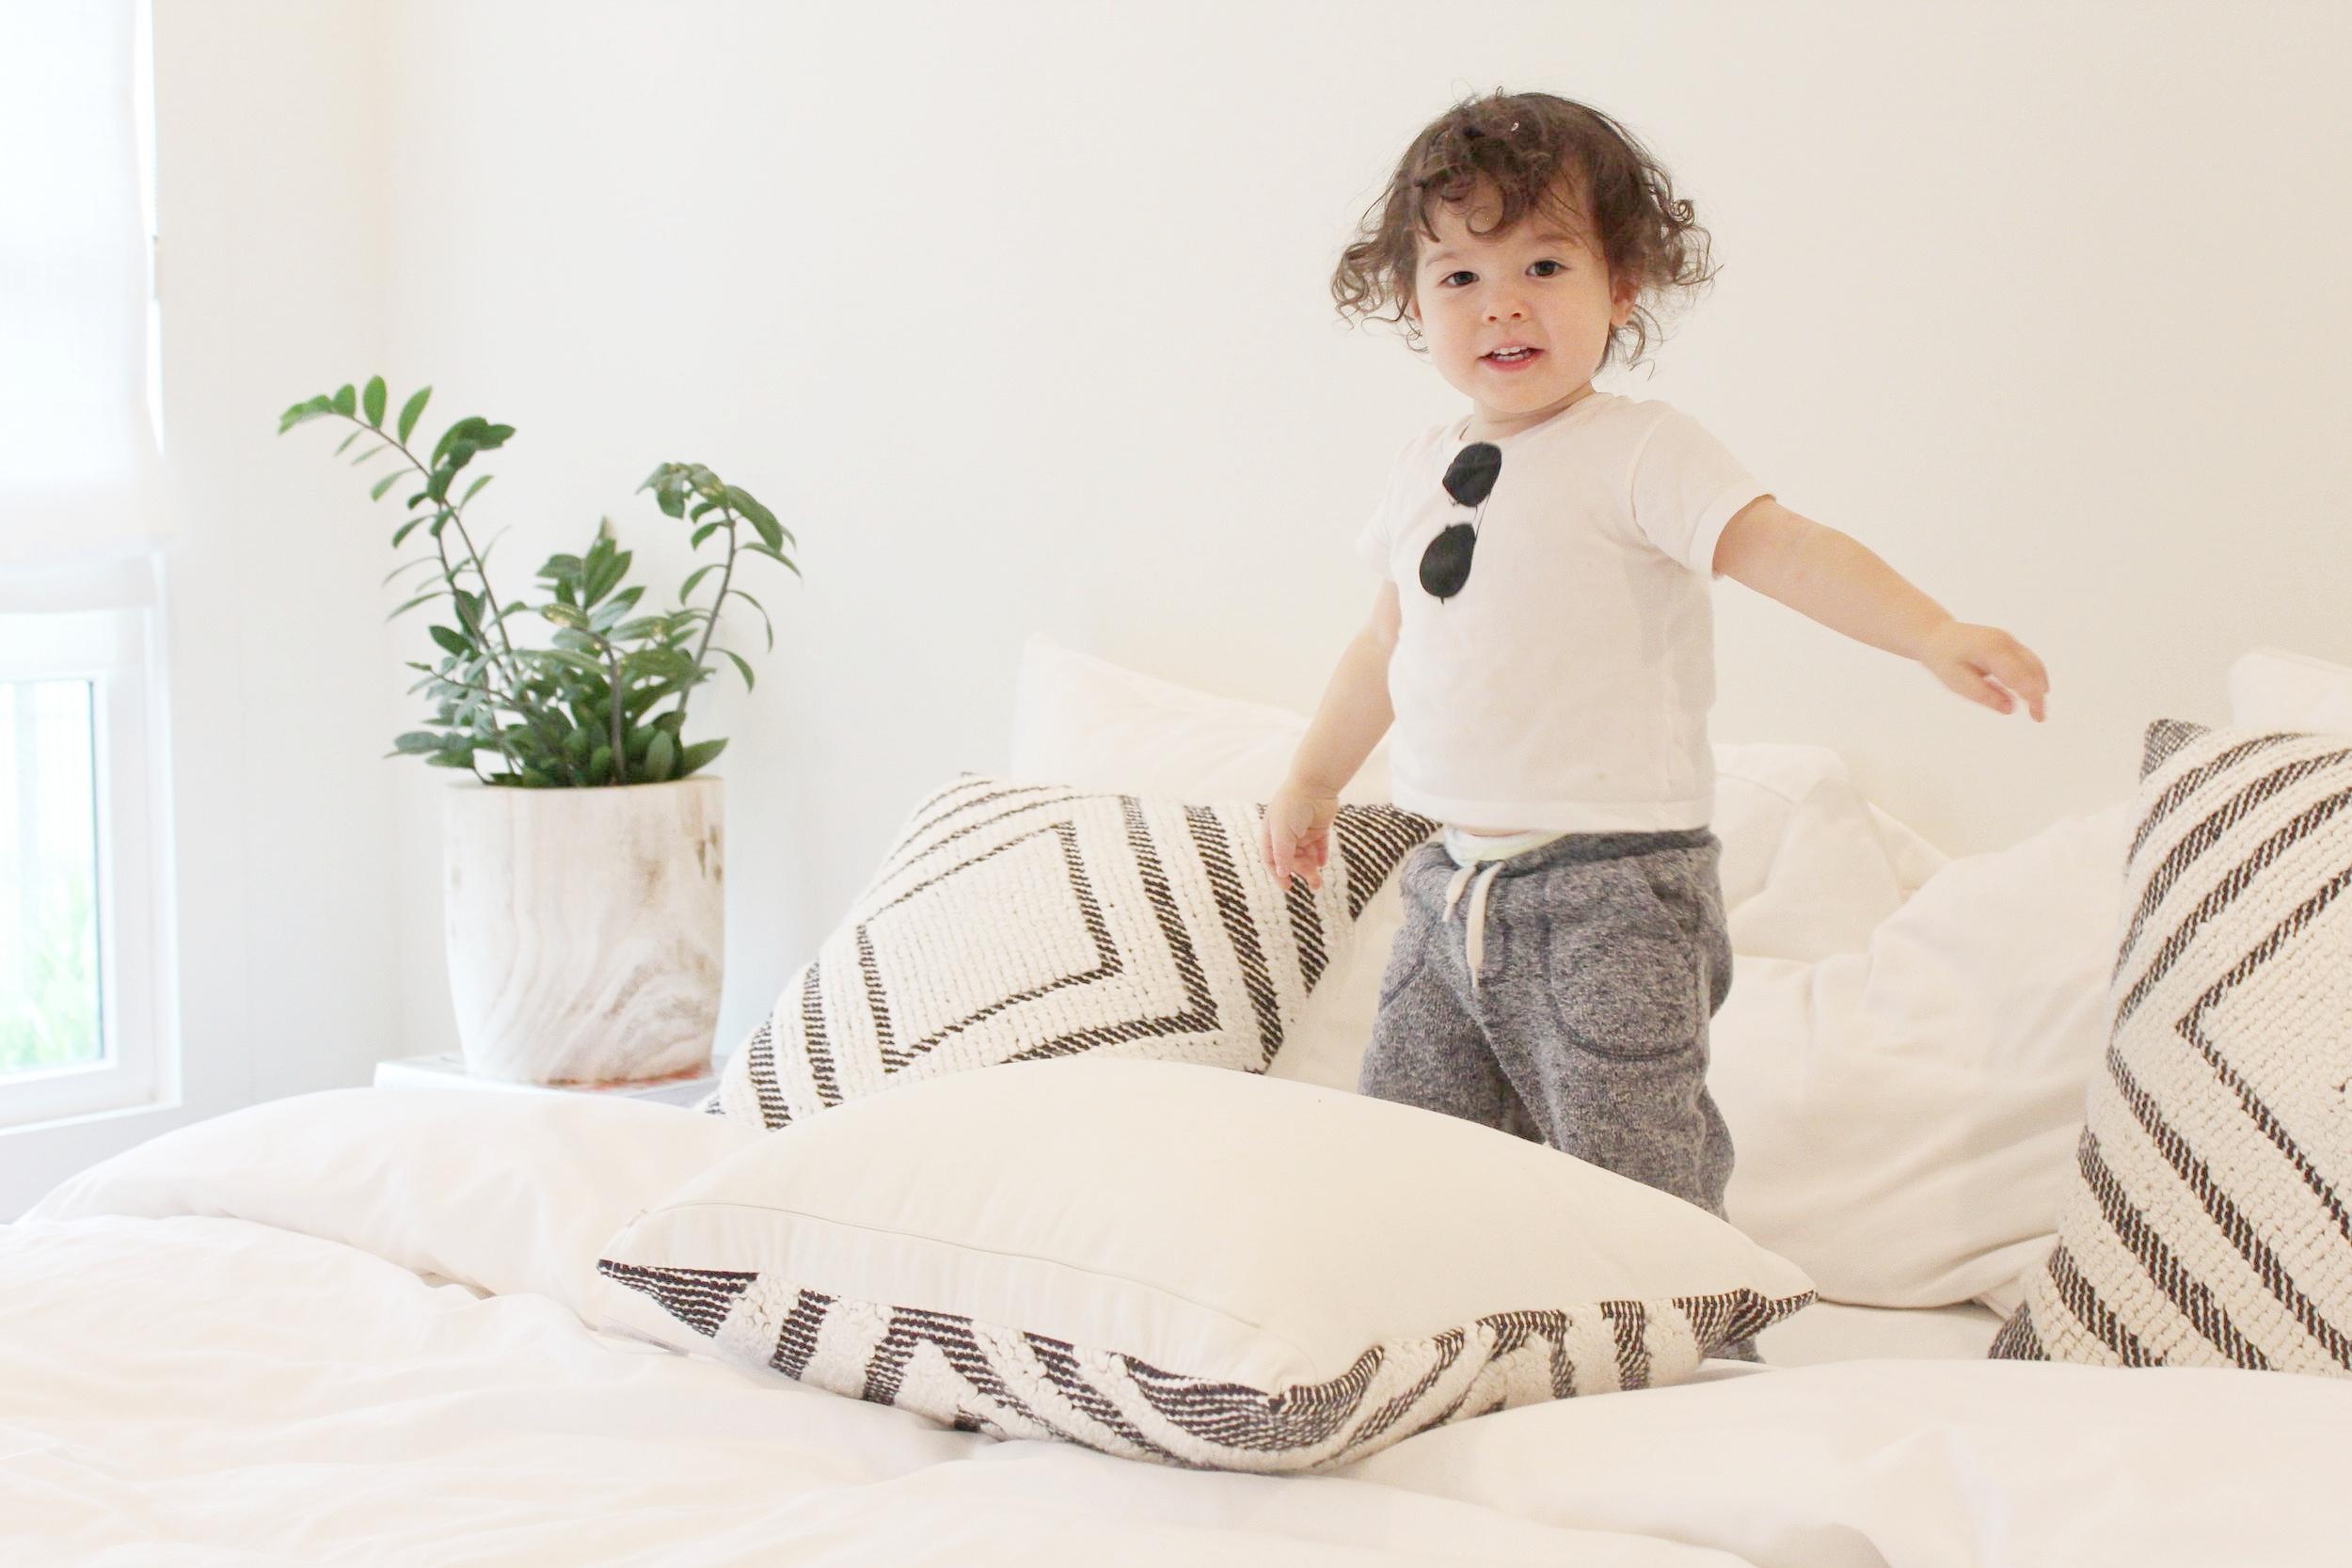    pillows (75% off! under $25)    duvet     down comforter     sheets   